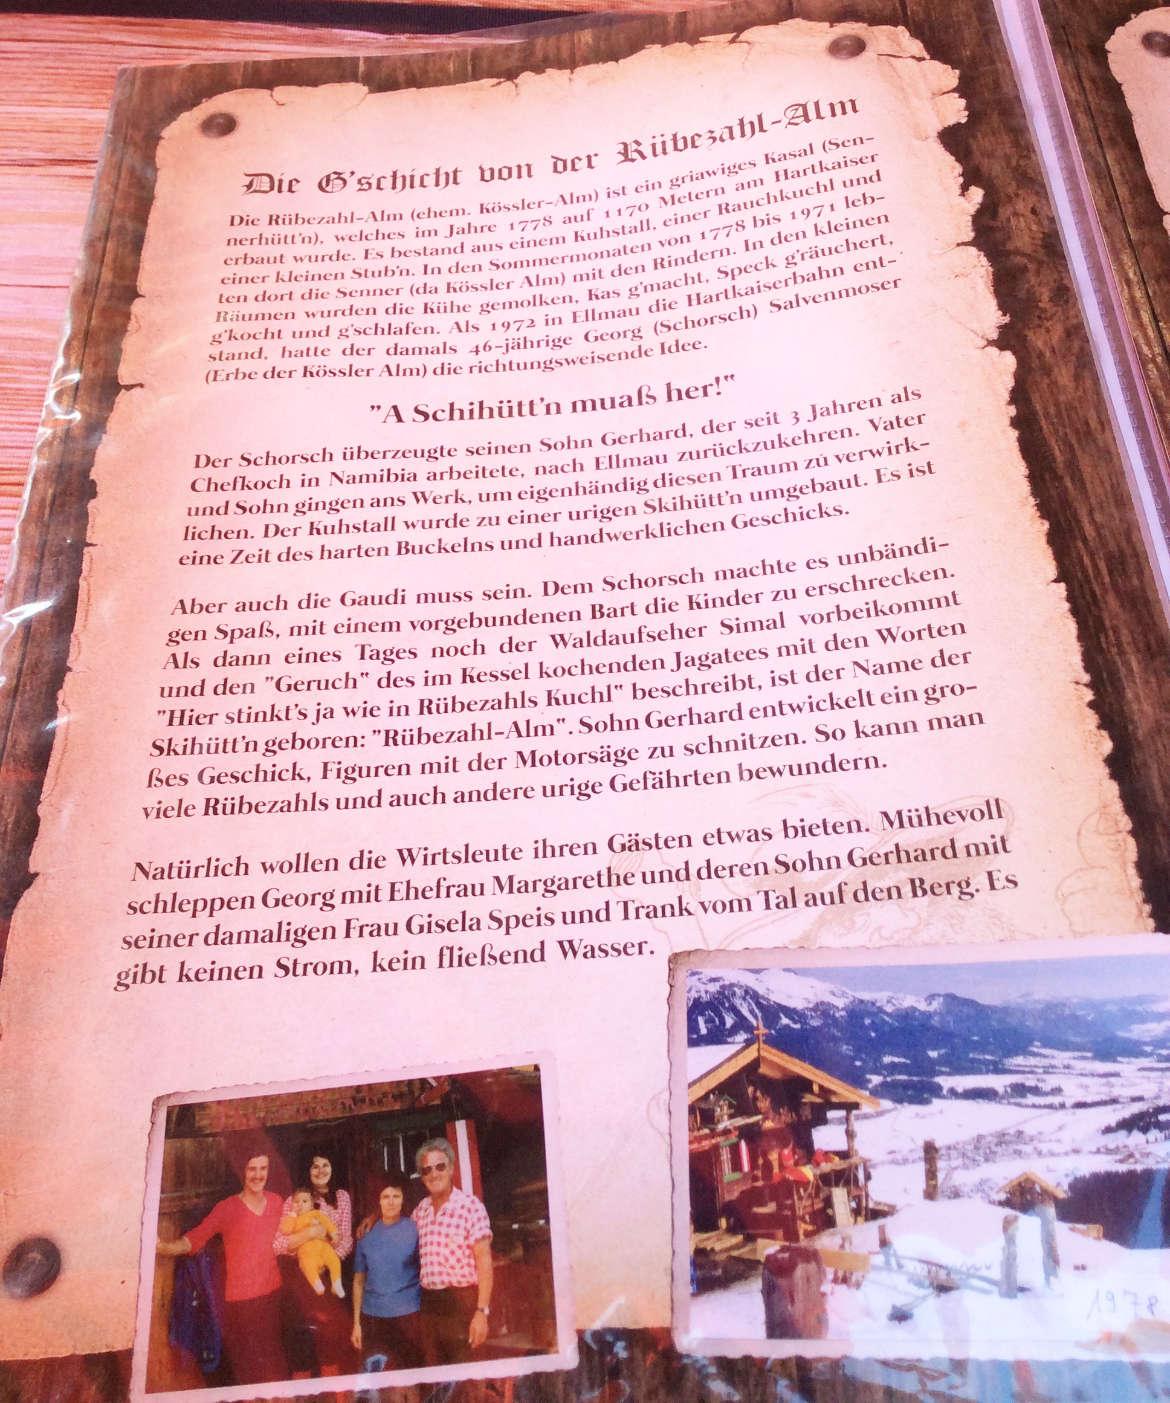 Die Geschichte der Rübezahl Alm